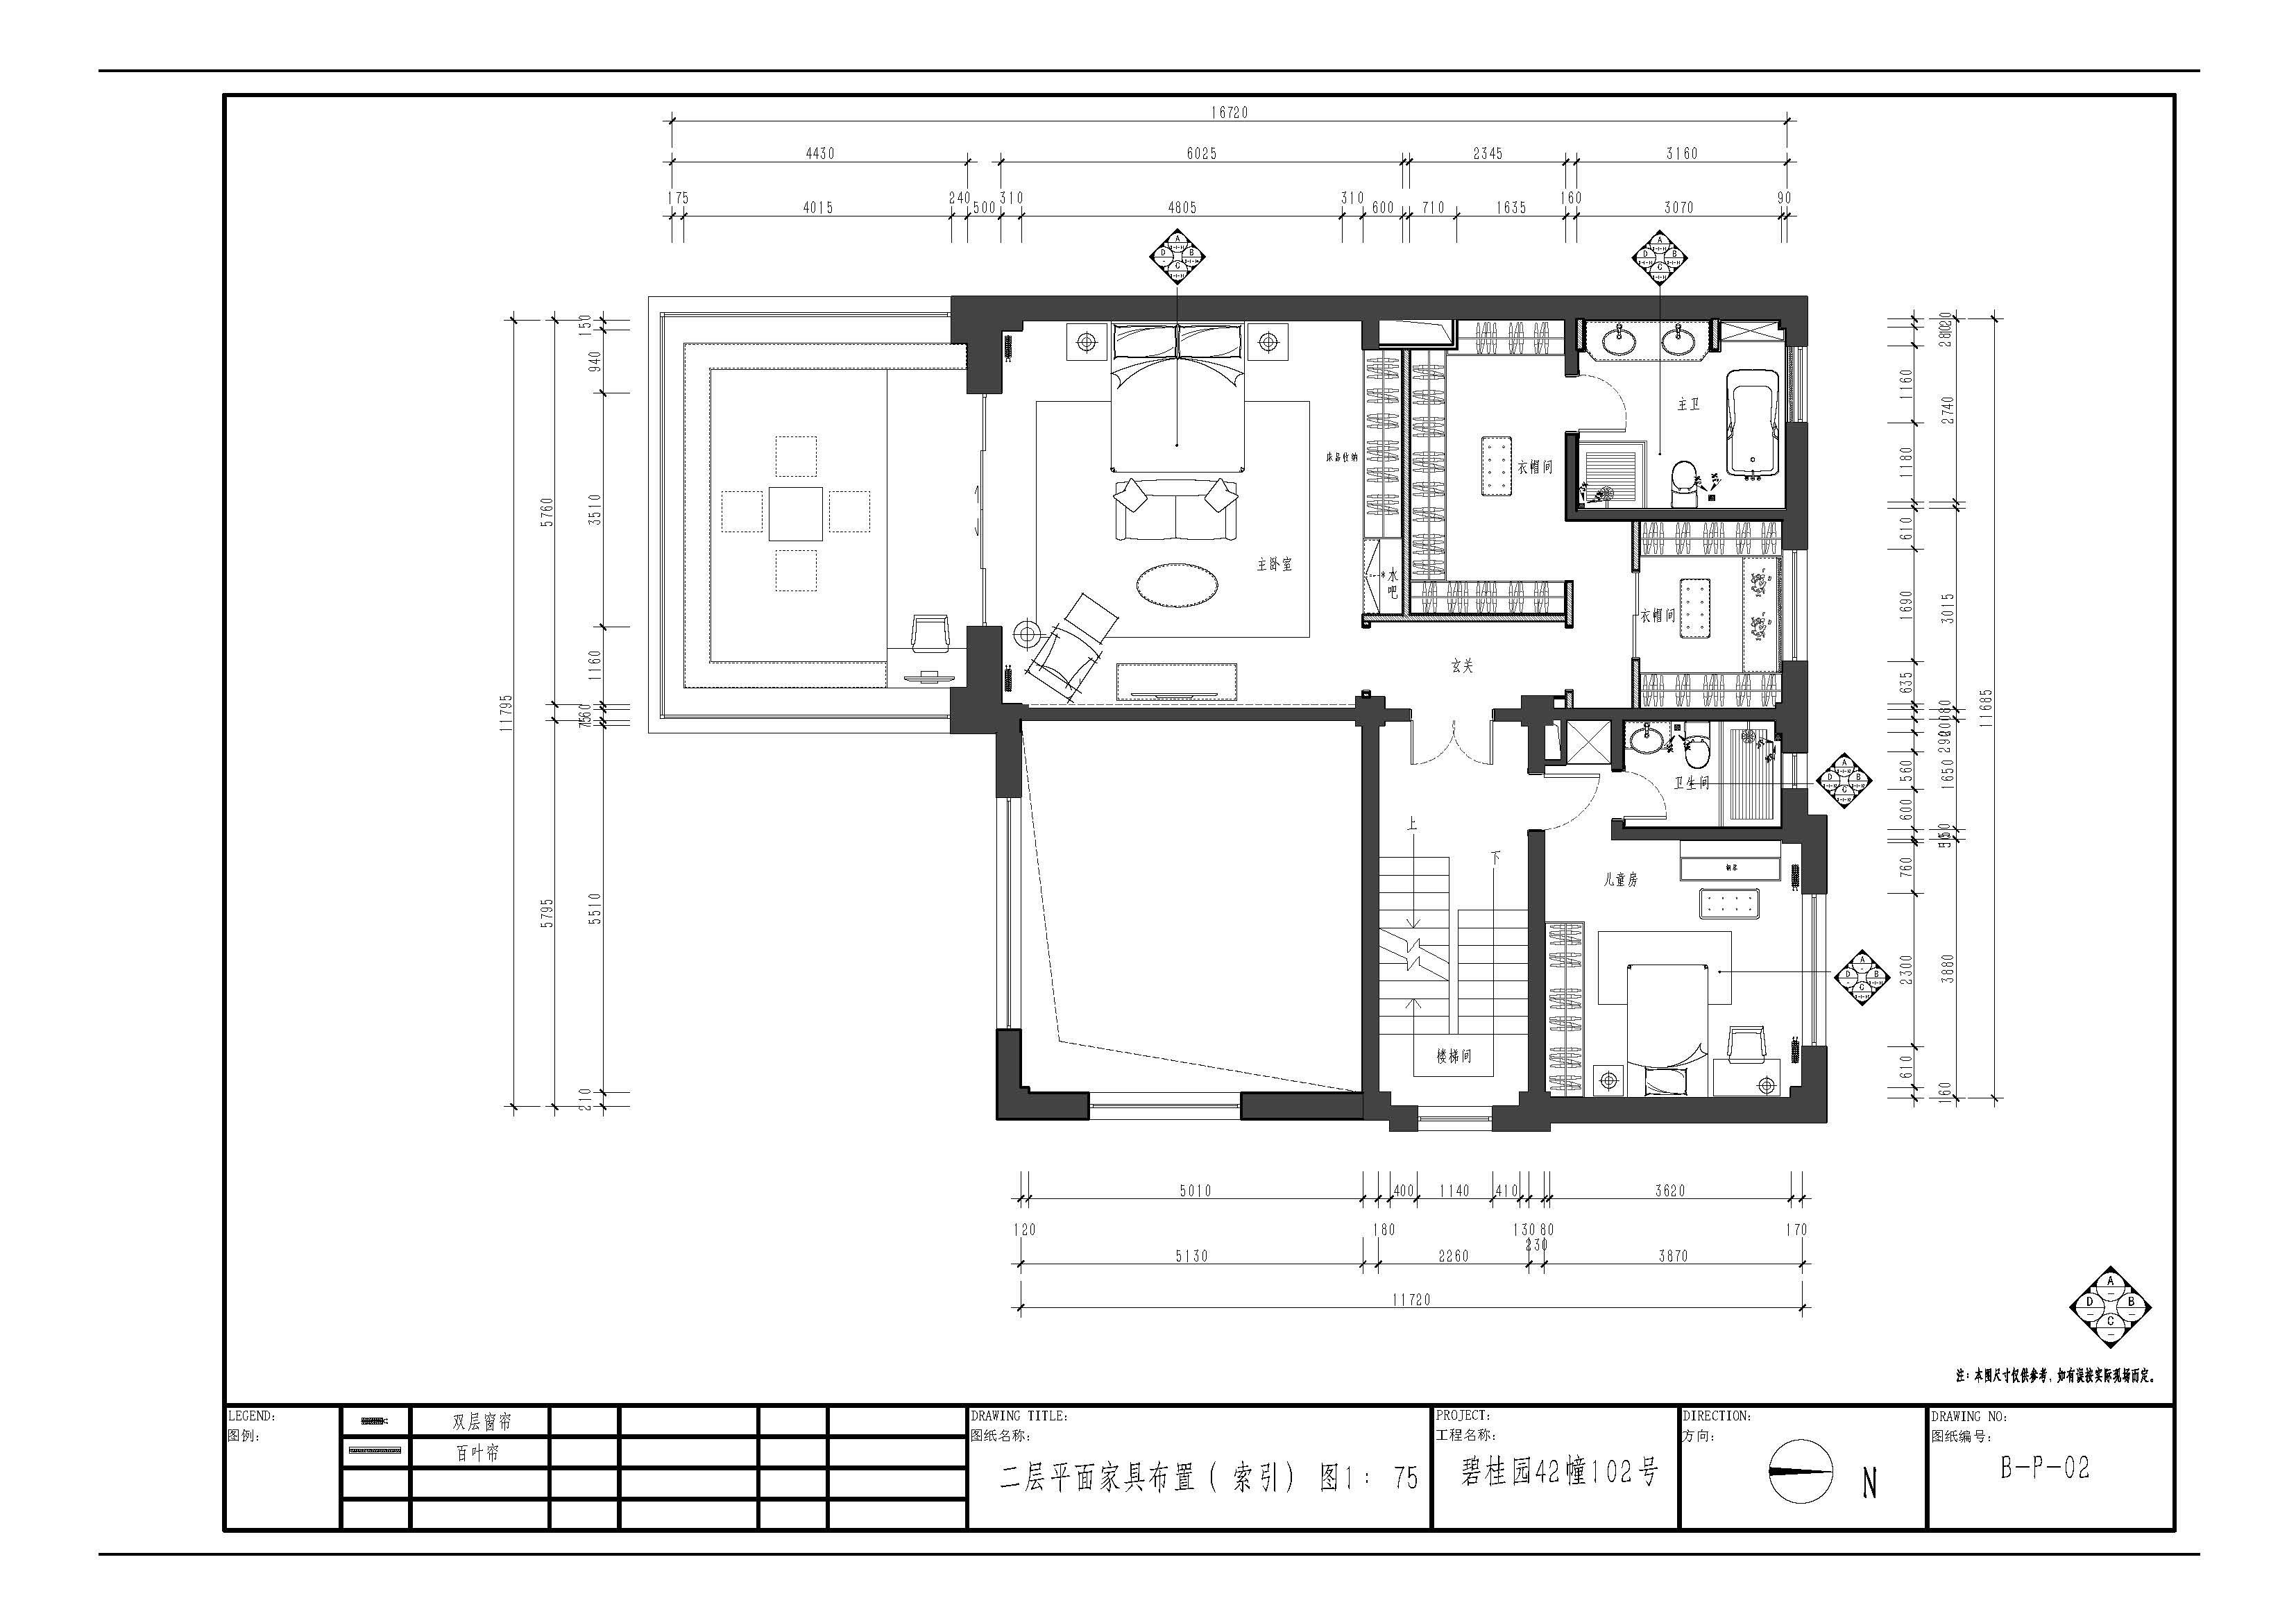 融创玫瑰园-260平米-美式风格装修案例效果图装修设计理念